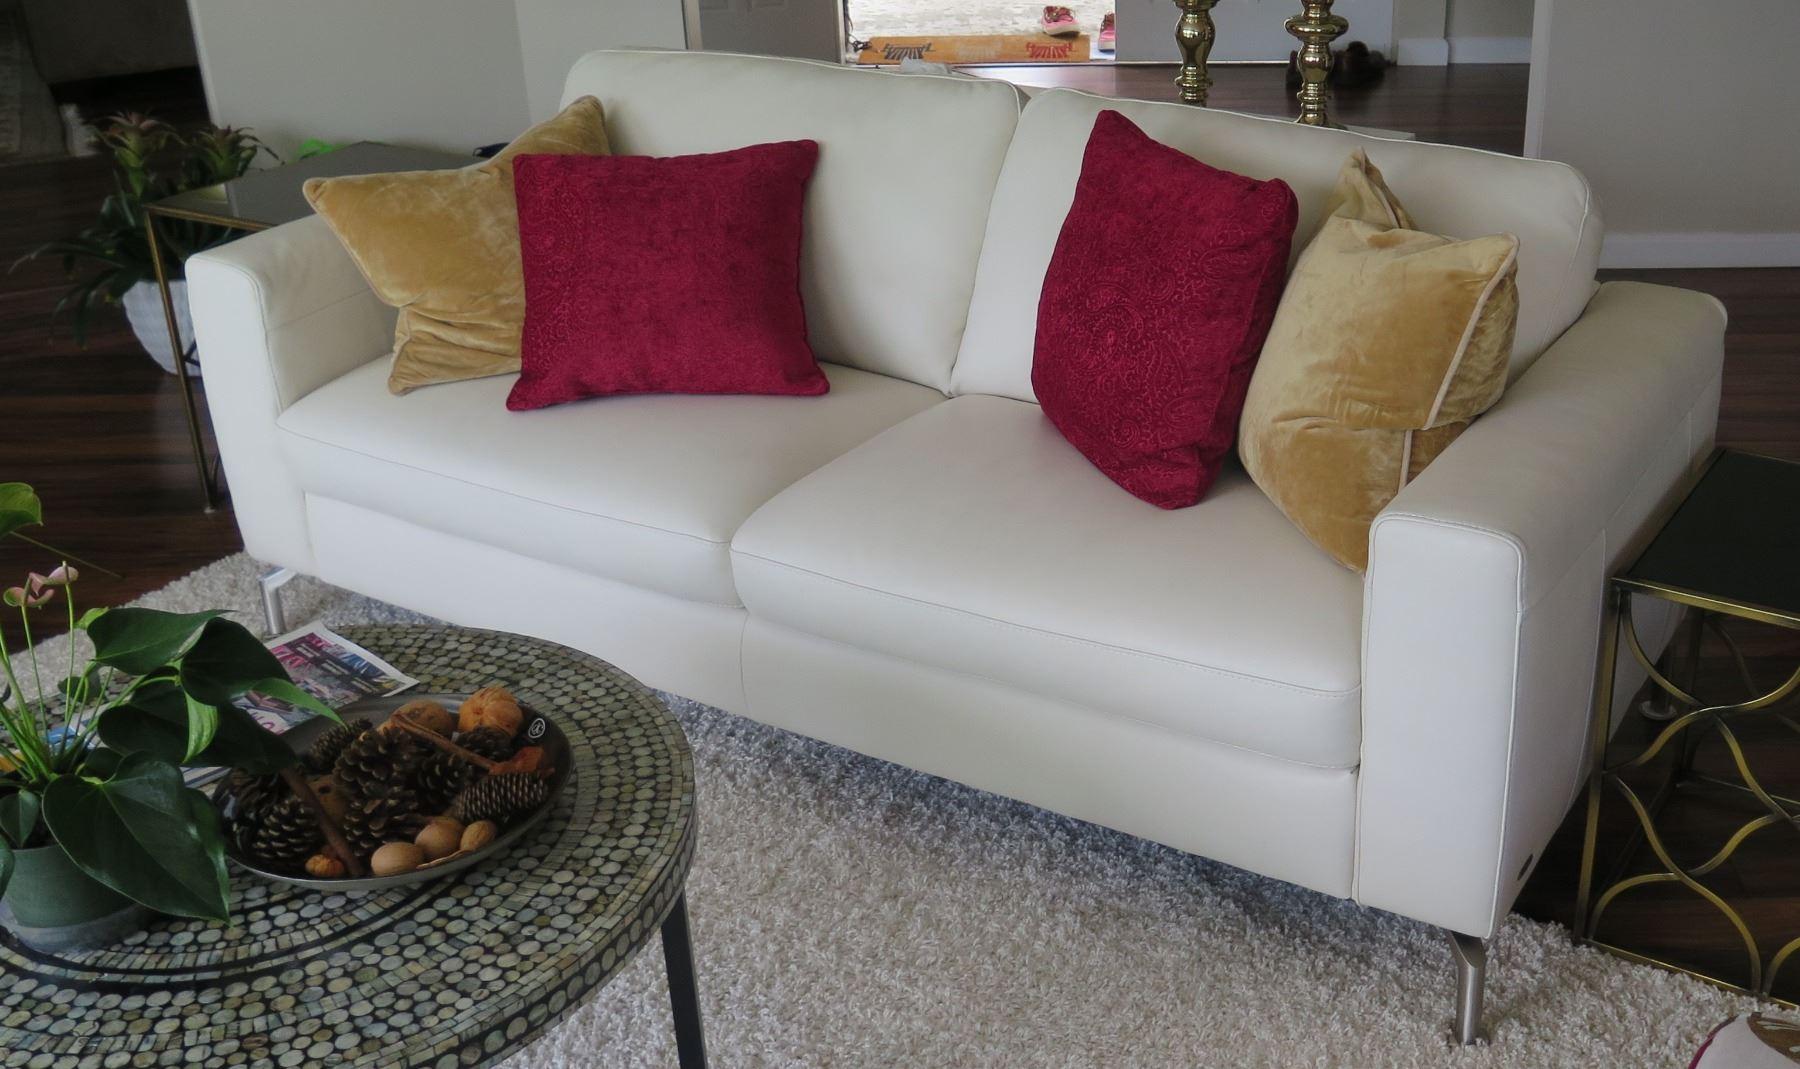 Design Bank Natuzzi.White Natuzzi Modern Leather Sofa Approx 80 L 35 W Oahu